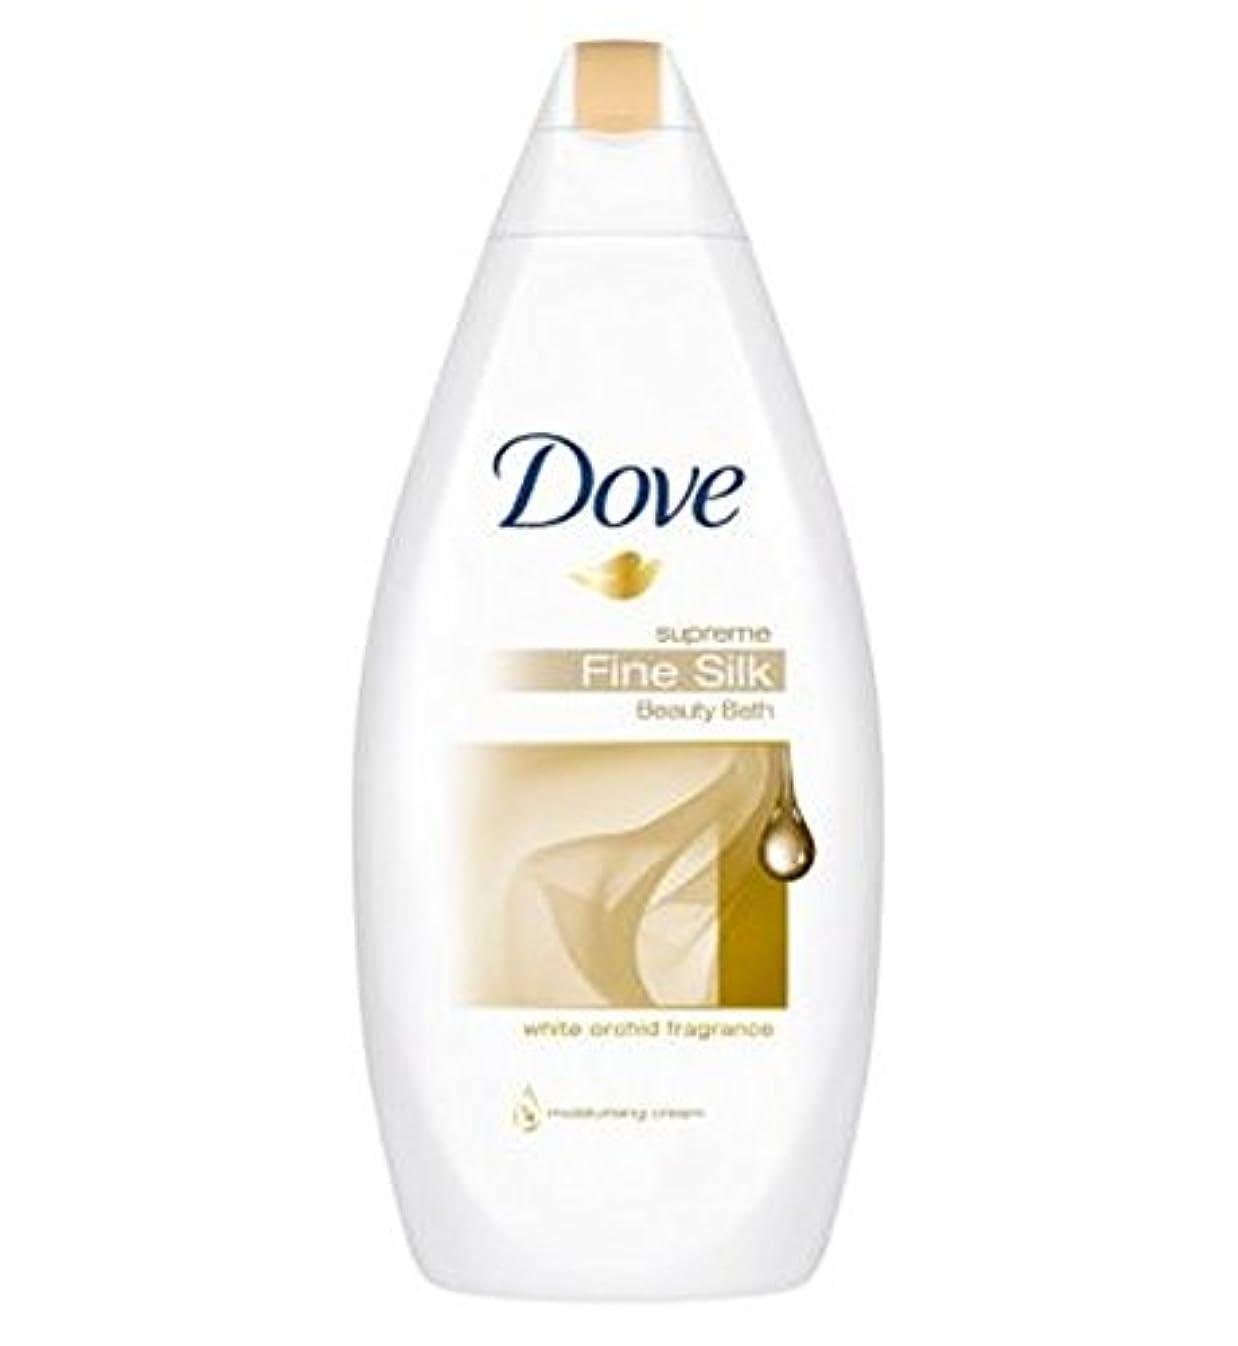 書店出発するパトロン鳩最高の細かい絹クリームバスの500ミリリットル (Dove) (x2) - Dove Supreme Fine Silk Cream Bath 500ml (Pack of 2) [並行輸入品]